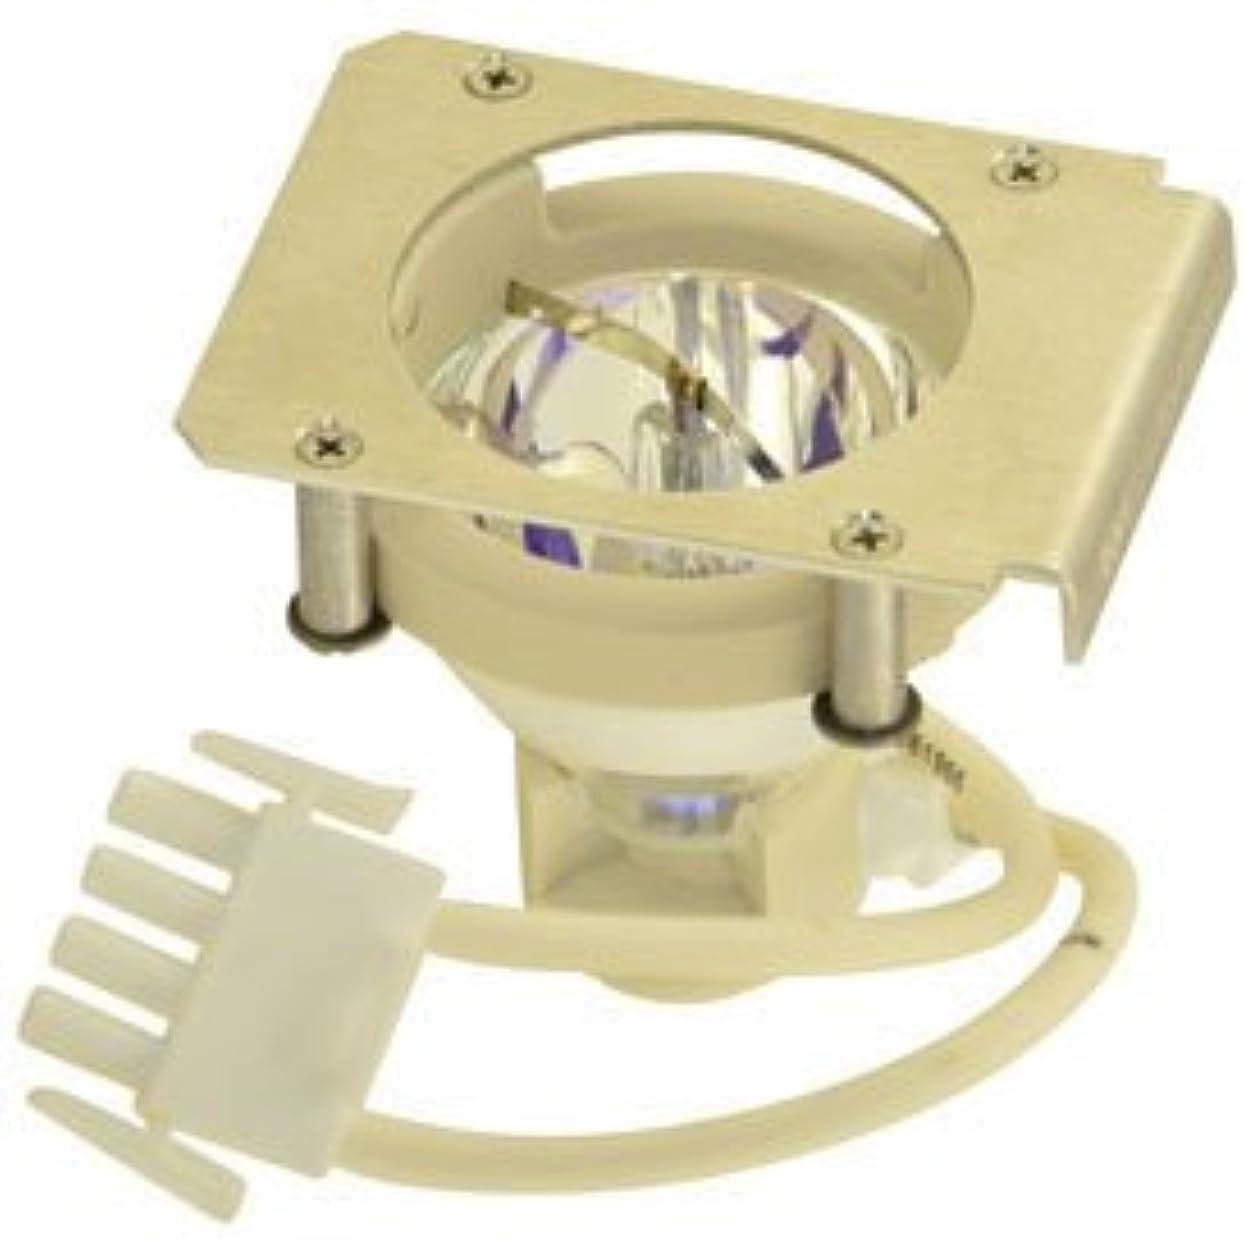 有彩色のとげのあるダーリン交換用for Stryker 0220130300交換用電球